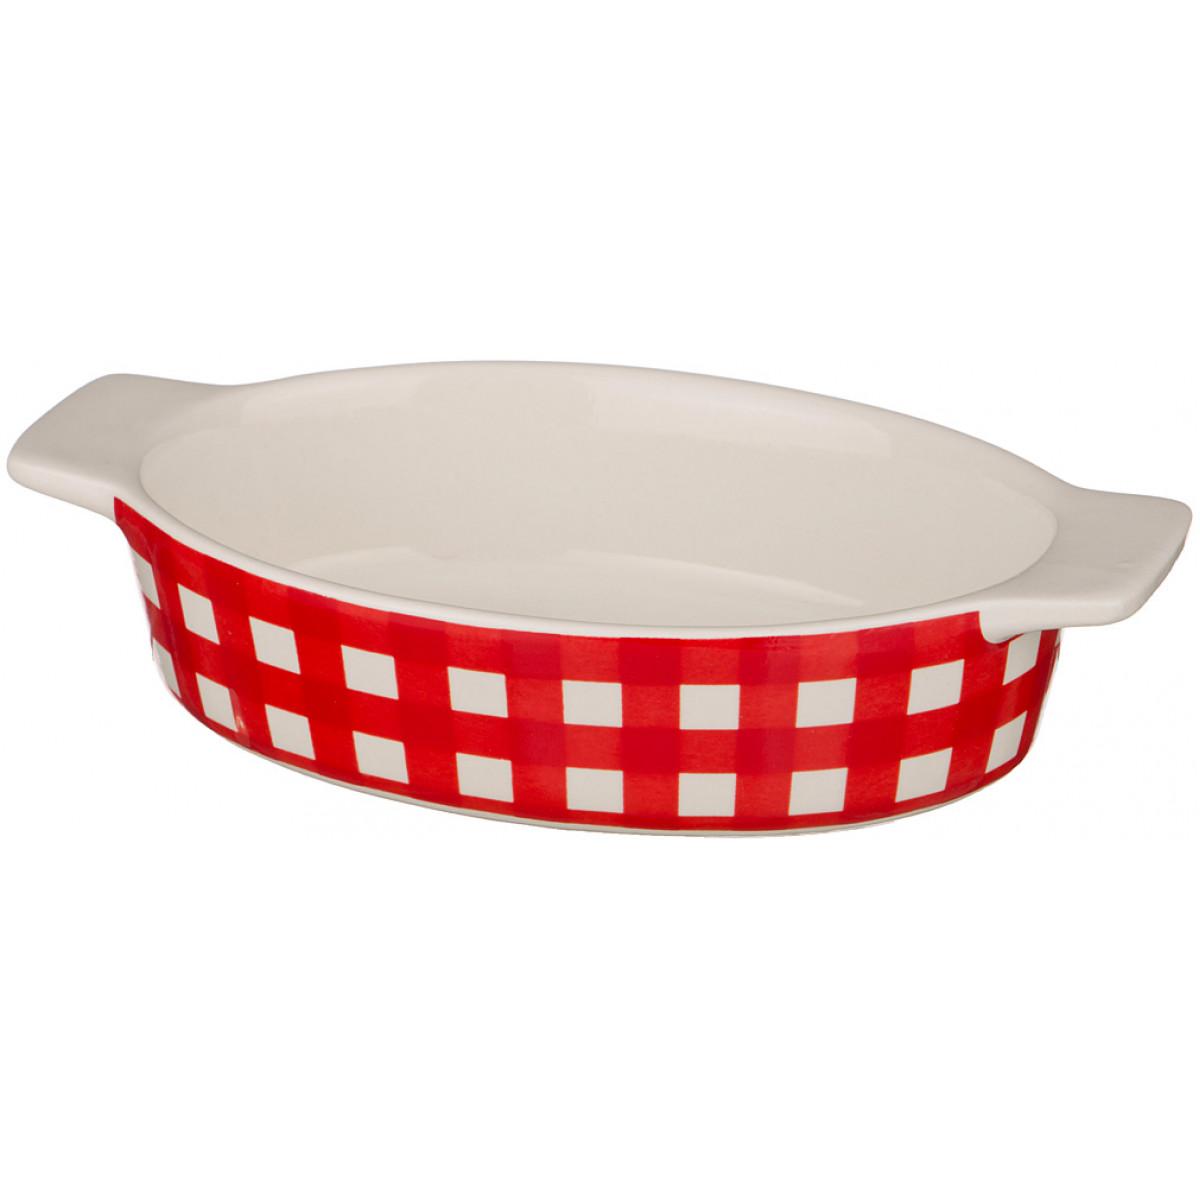 {} Agness Кухонная утварь Windsor (5х13х22 см) agness кухонная утварь wolf 6х17х30 см